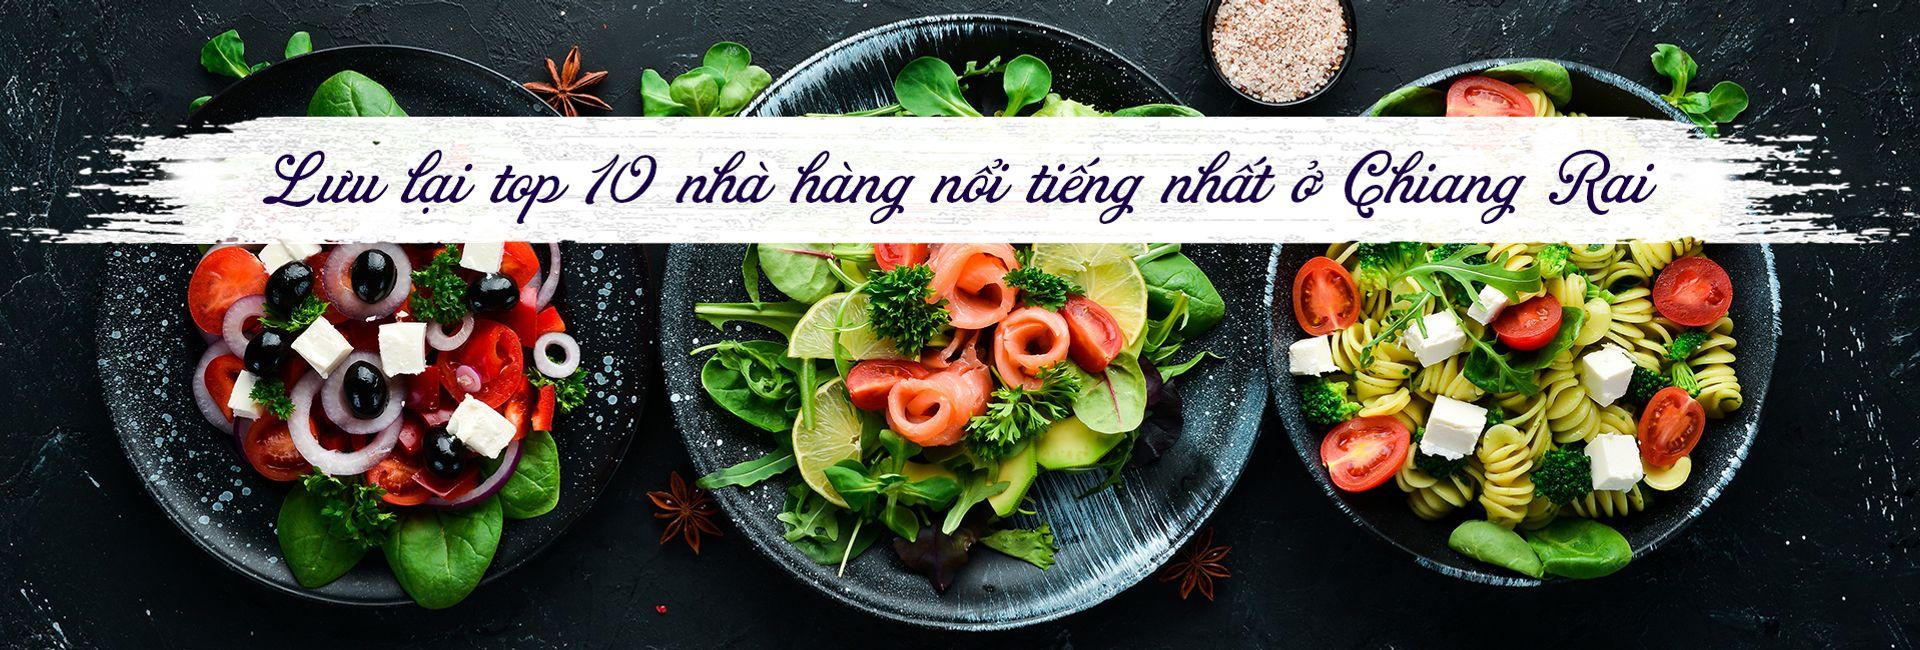 Top 10 nhà hàng nổi tiếng nhất ở Chiang Rai, Thái Lan